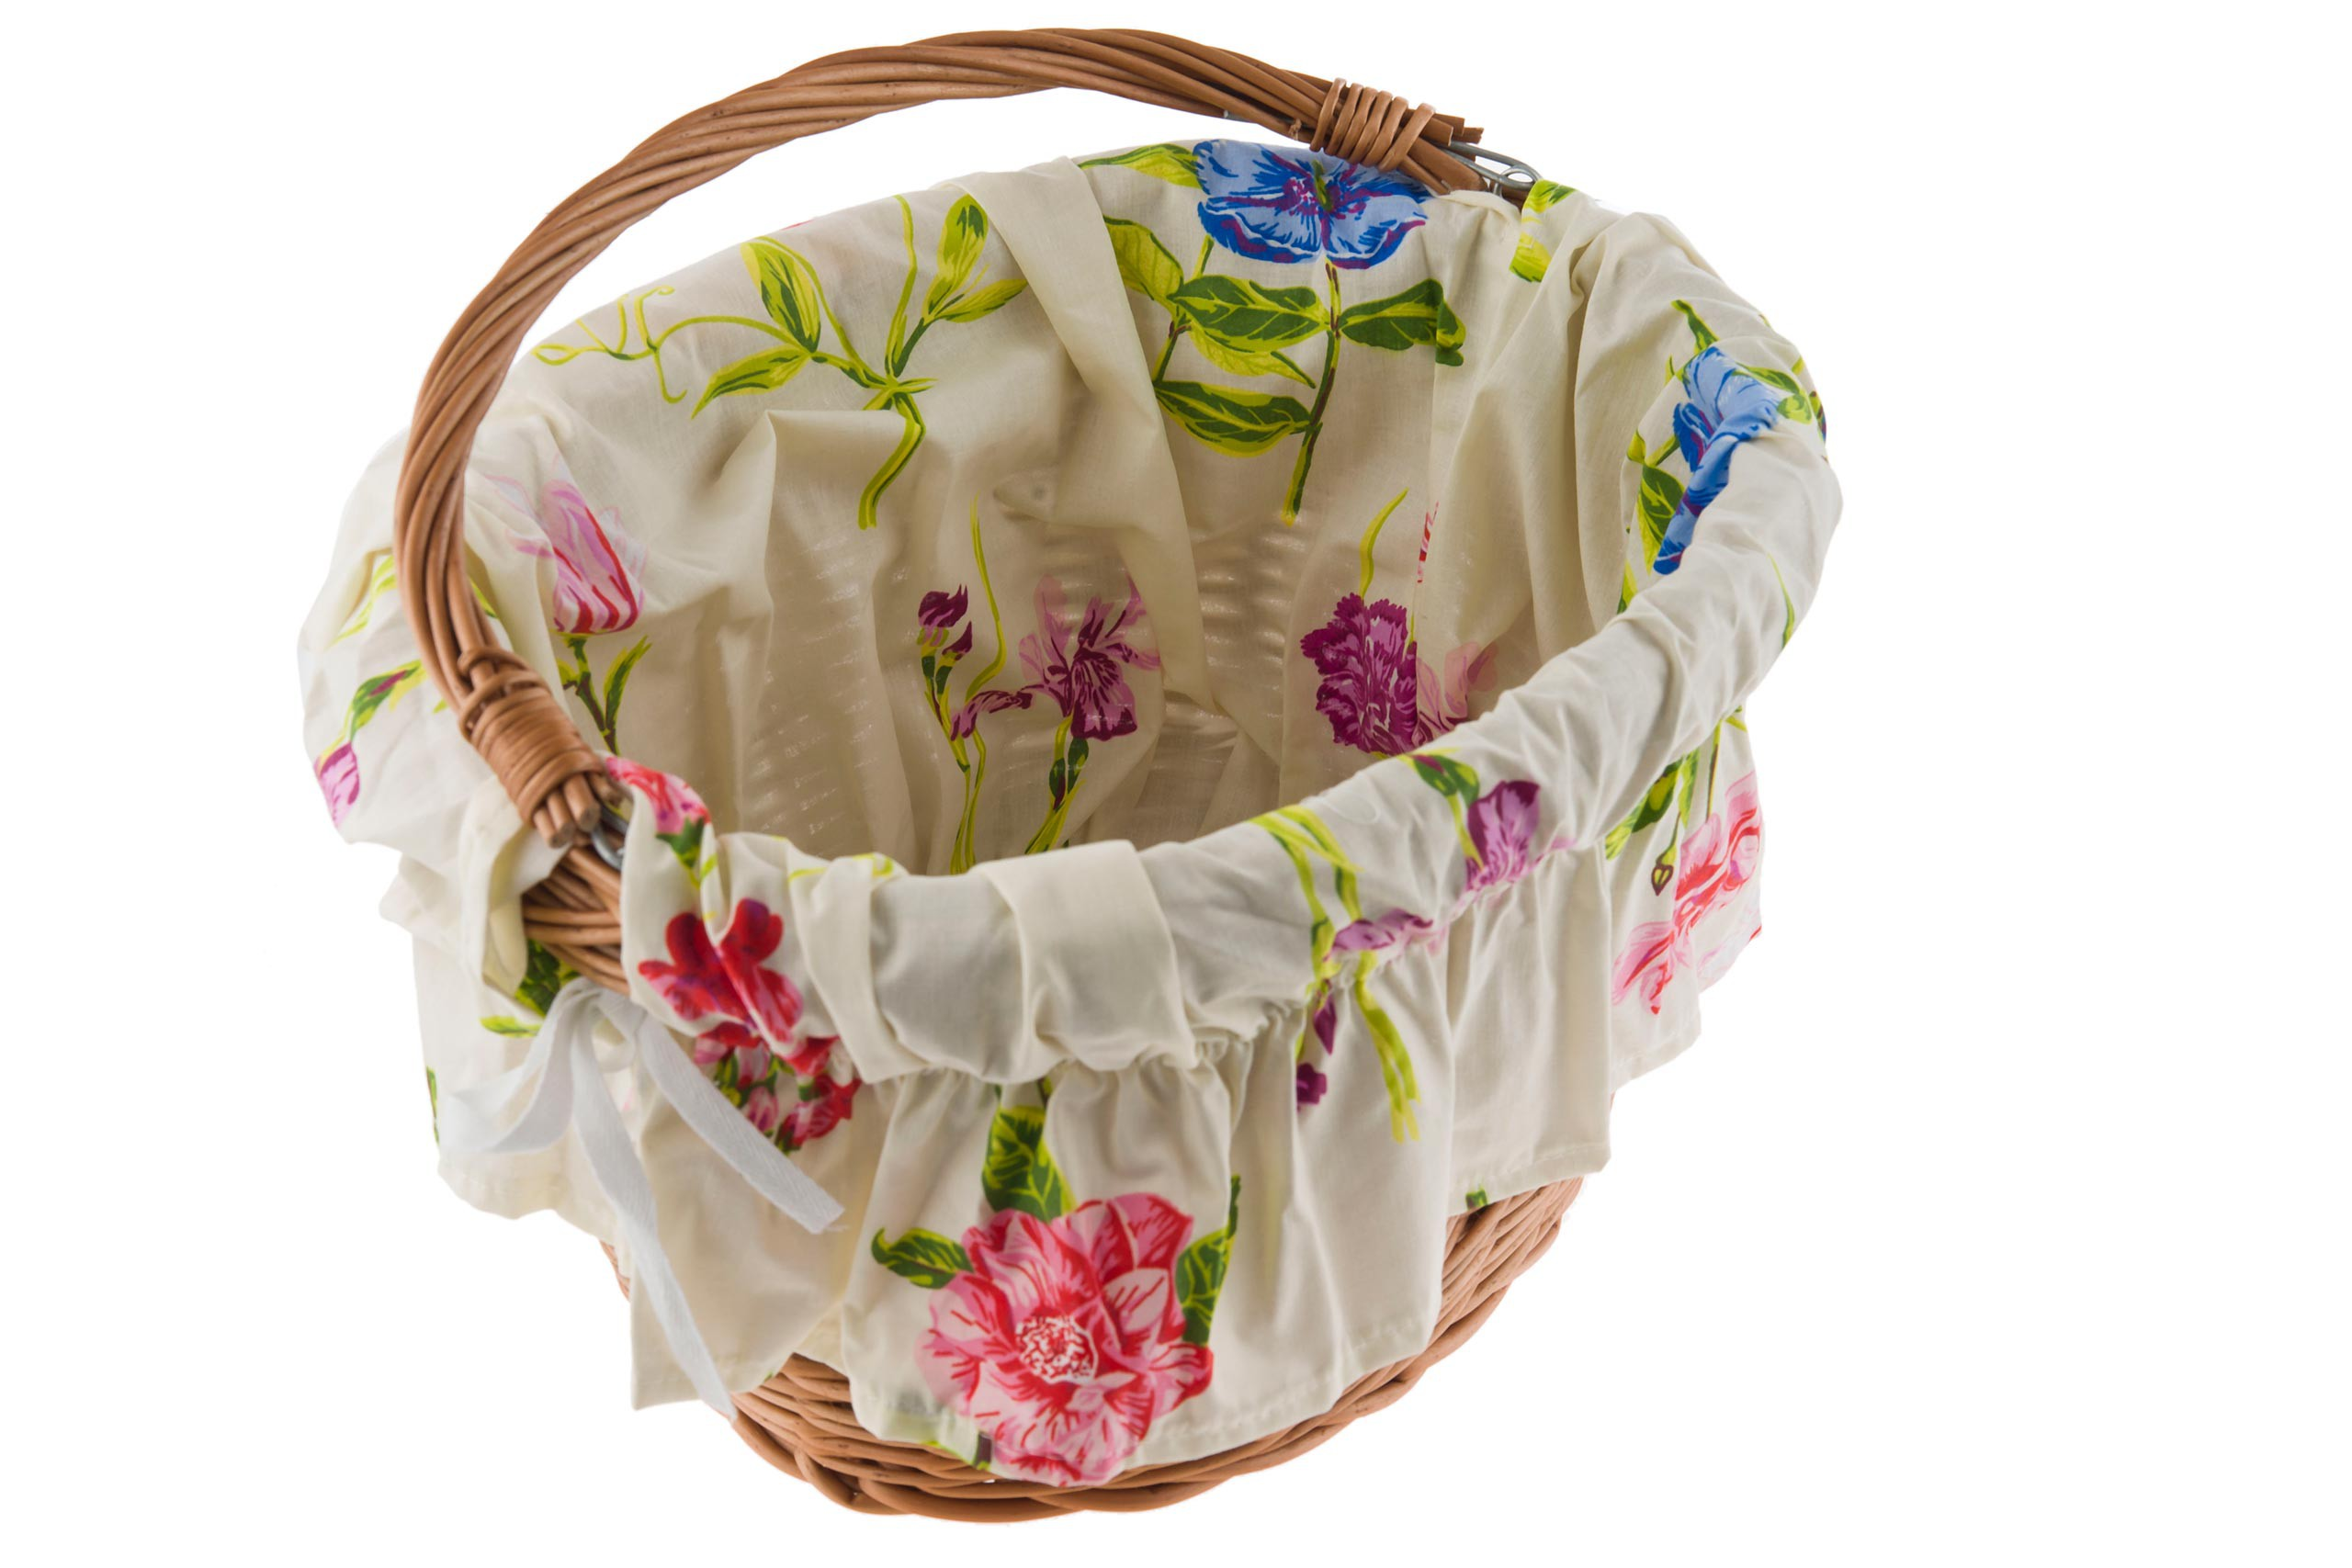 Wkładka do koszyka materiałowa, kremowa w kwiatki POLSKA